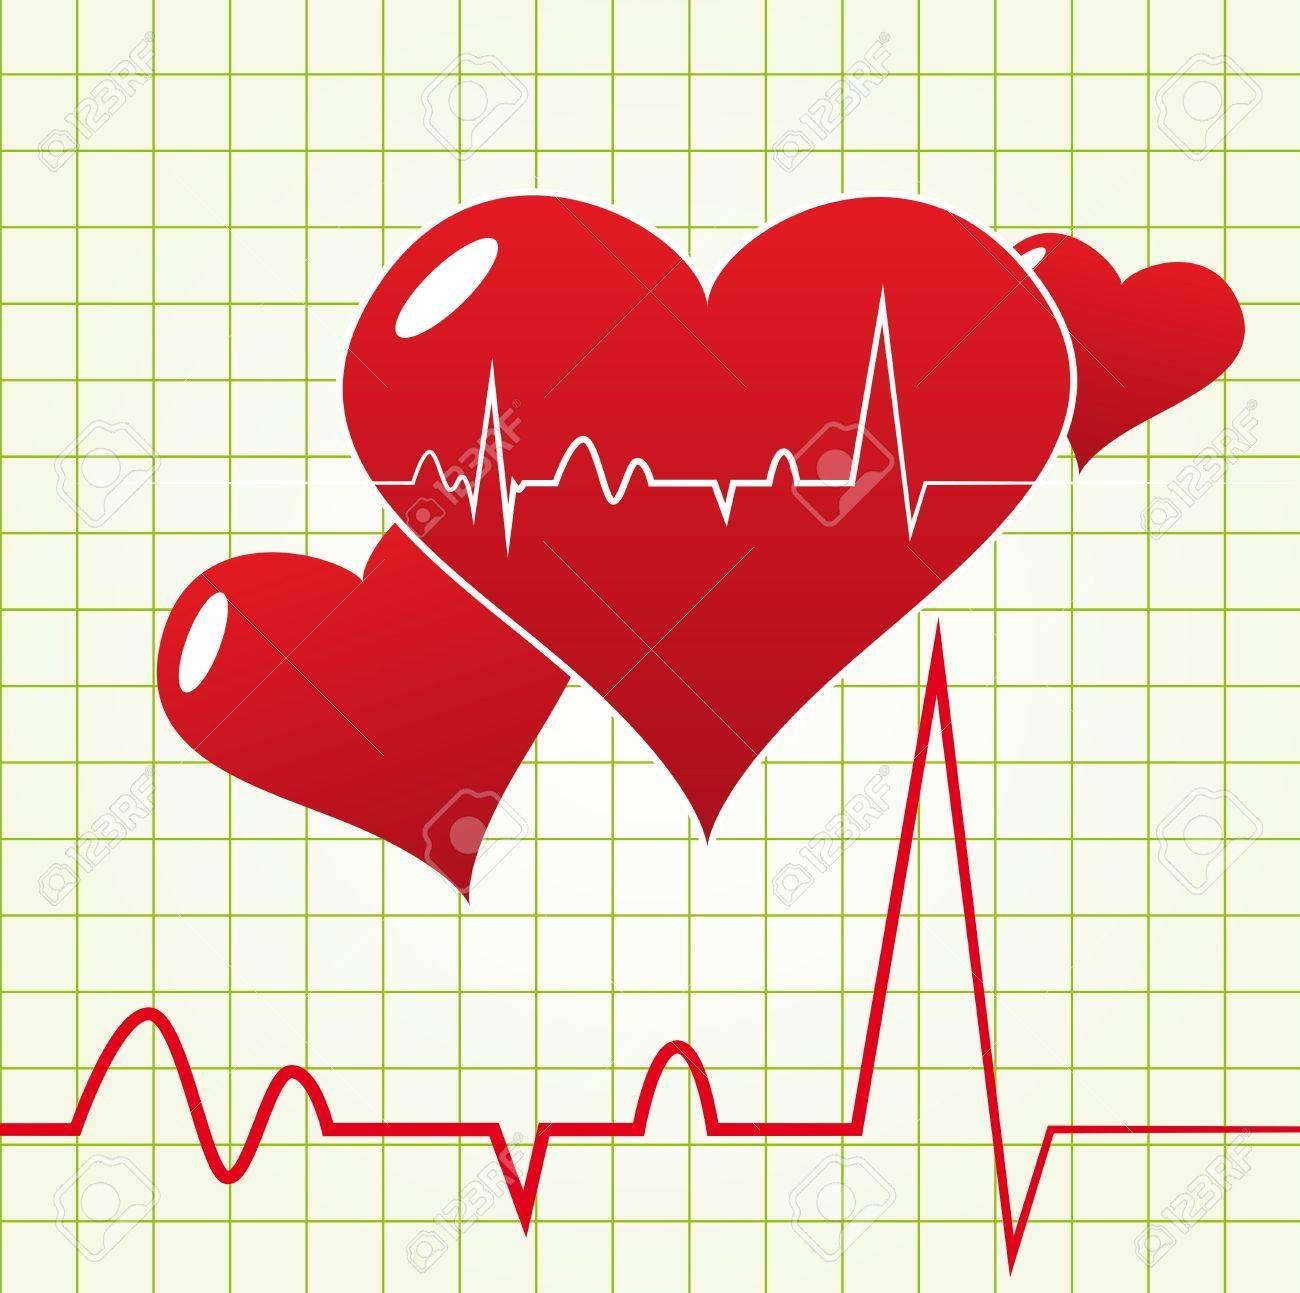 Único Diagrama Del Corazón Colección - Imágenes de Anatomía Humana ...